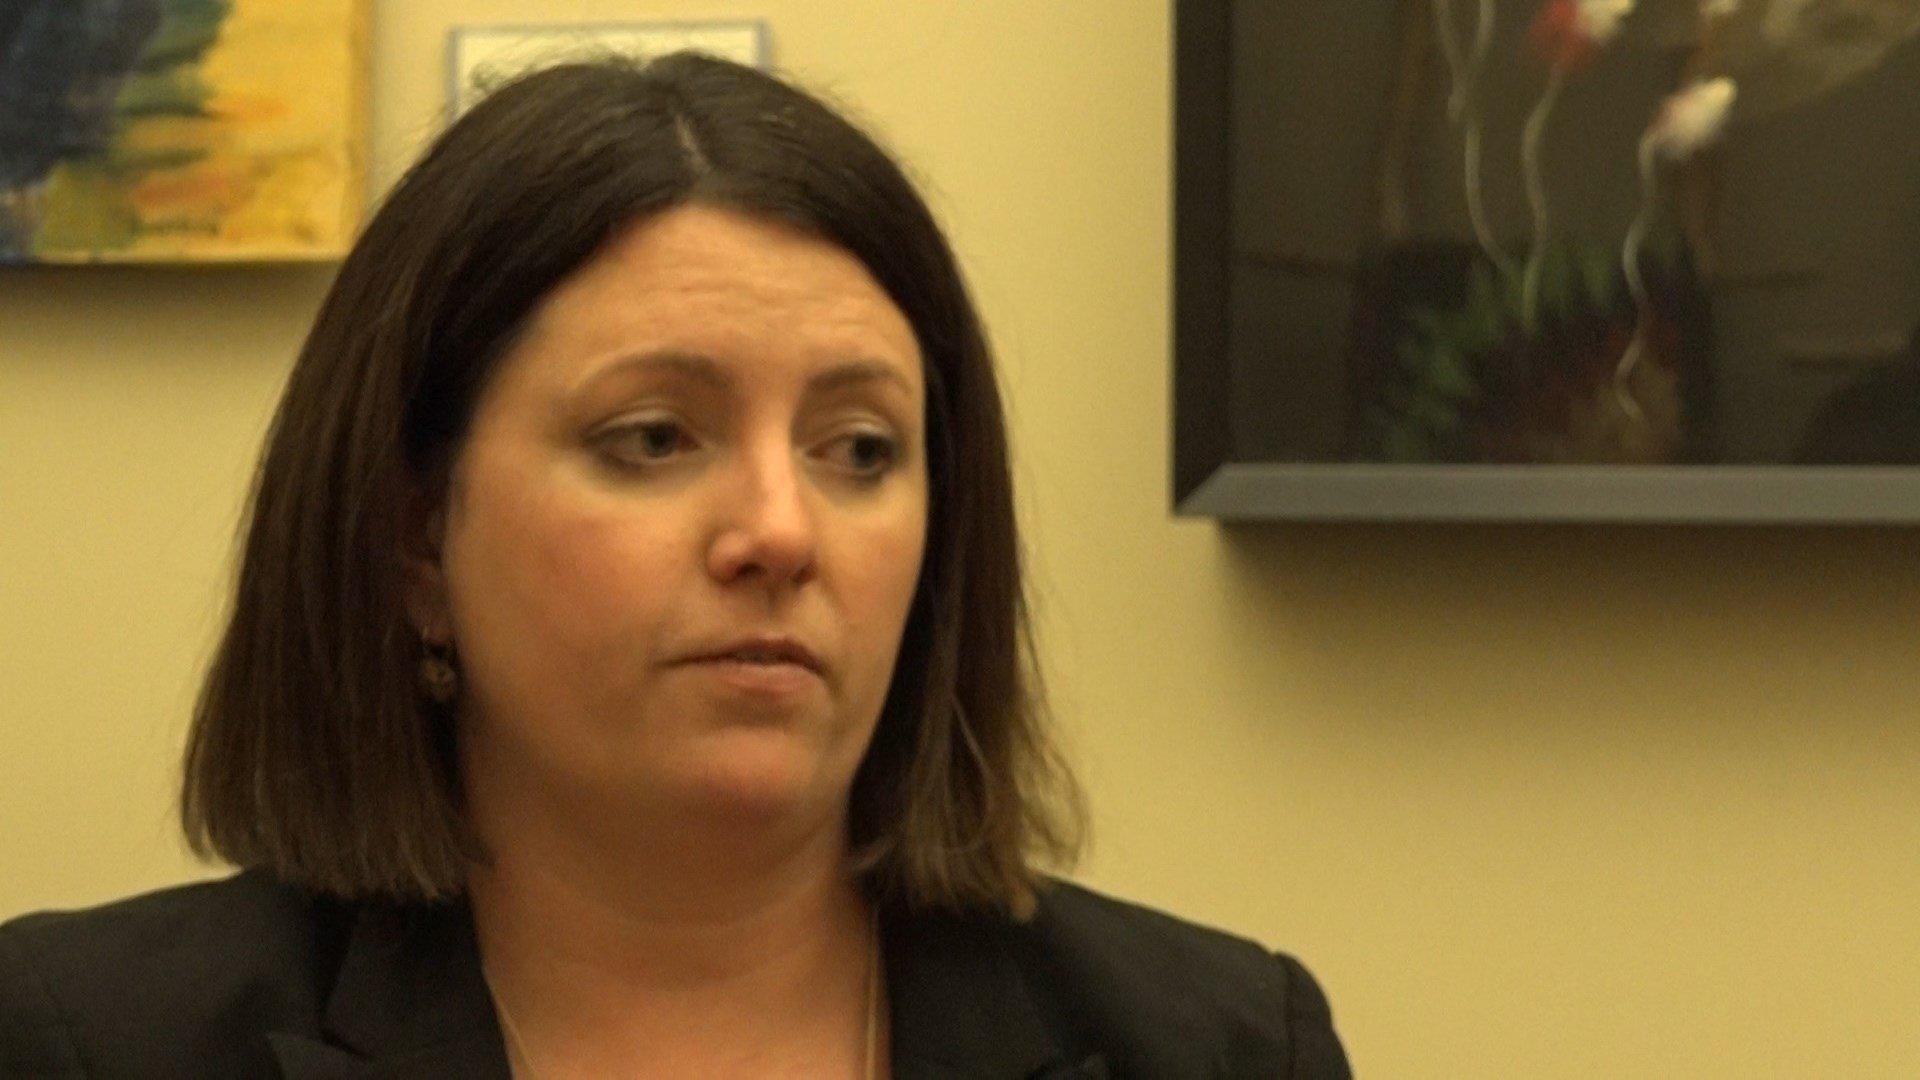 MT state Sen. Cynthia Wolken, D-Missoula